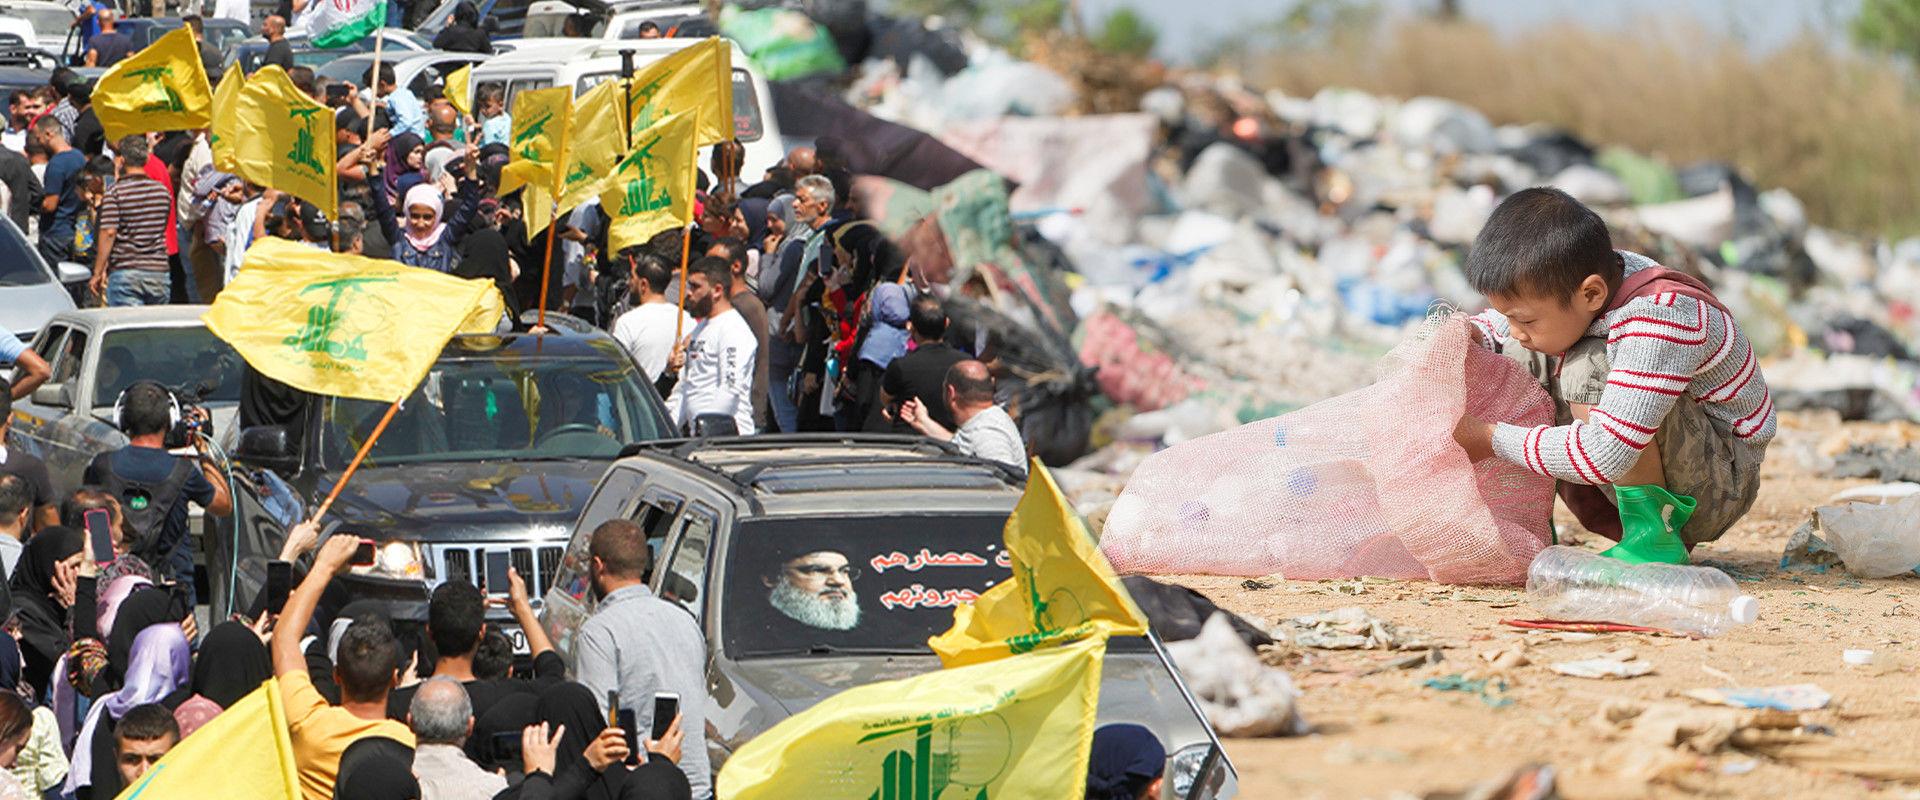 לבנון (צילום: 123rf, reuters)